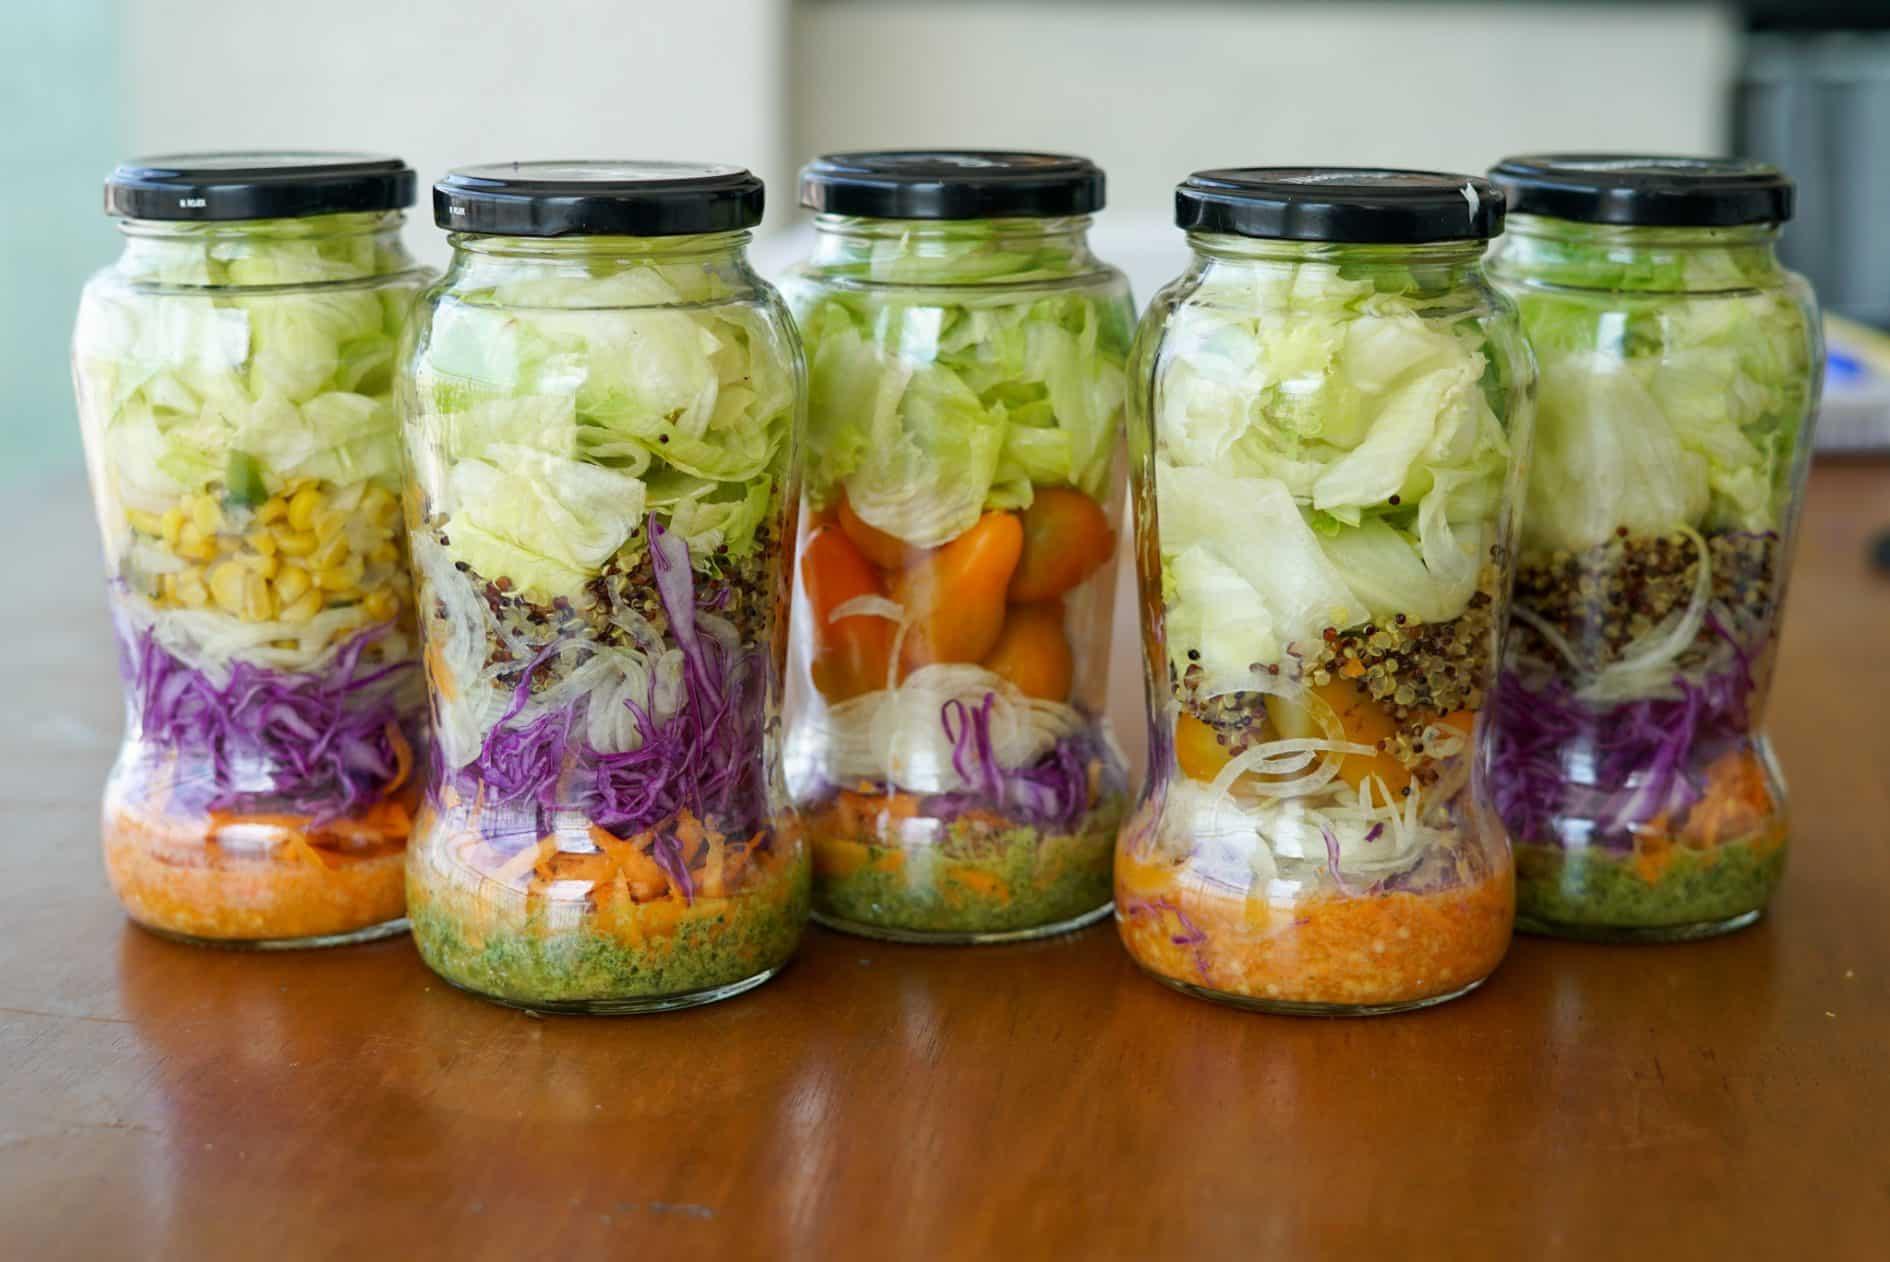 como fazer um jantar fit rápido - salada no pote para a semana com grelhado